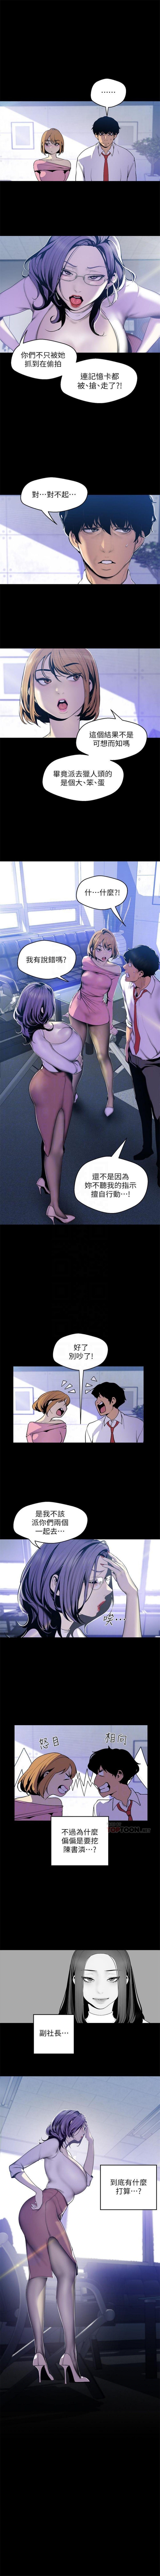 (週1)美麗新世界 1-70 中文翻譯 (更新中) 514